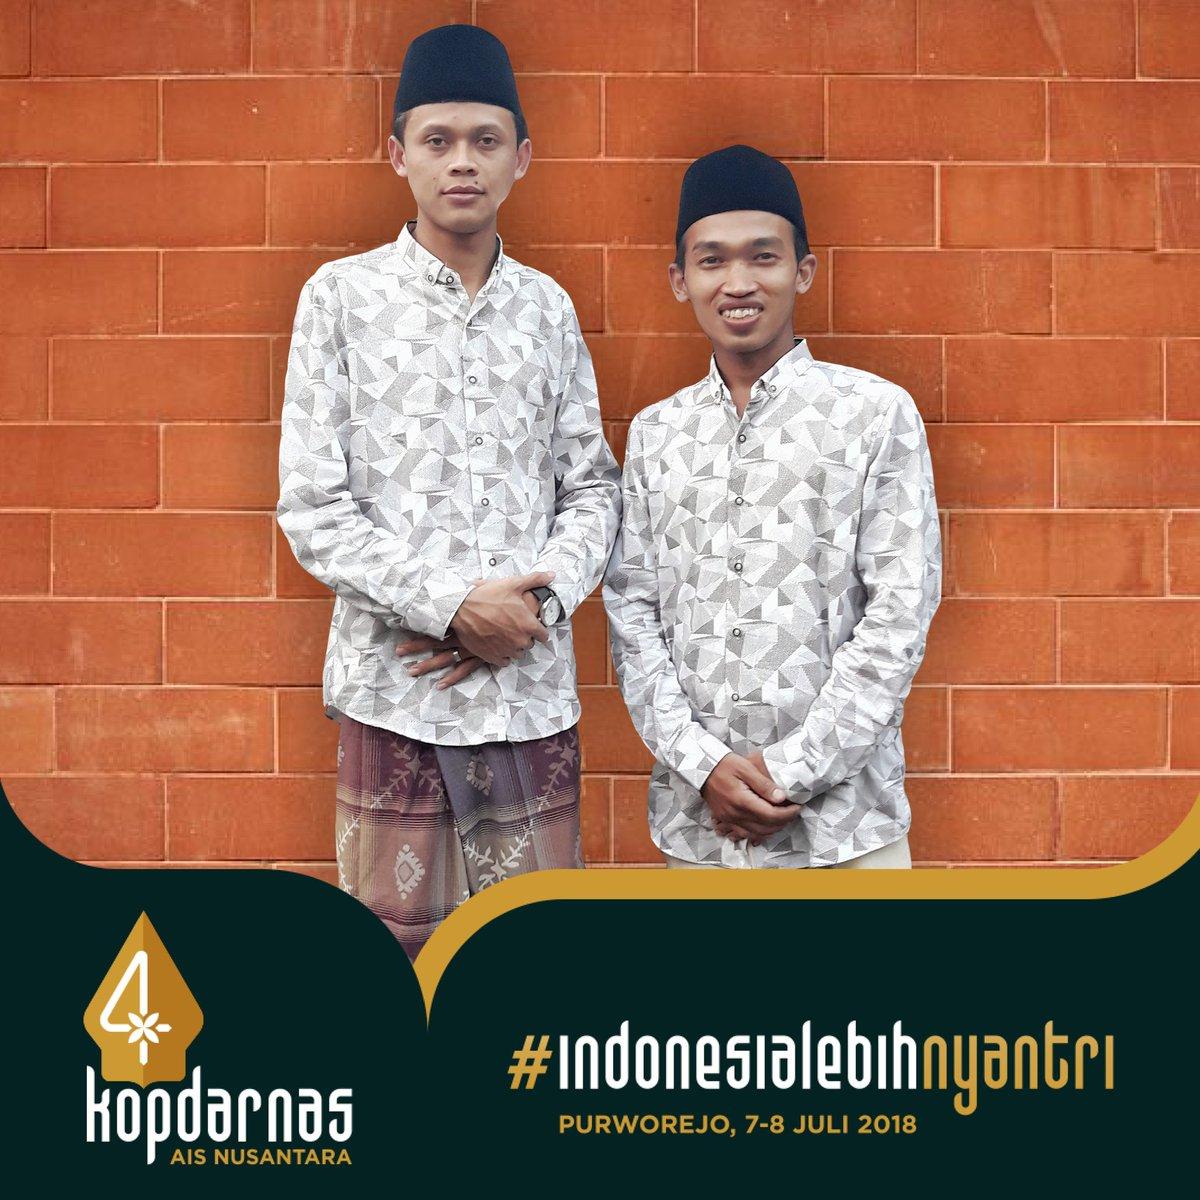 Kopdarnas 4 @aisnusantara  Region @aisjawatengah . . #IndonesiaLebihNyantri  #kopdarnas  #aisnusantara  #aisjawatengah